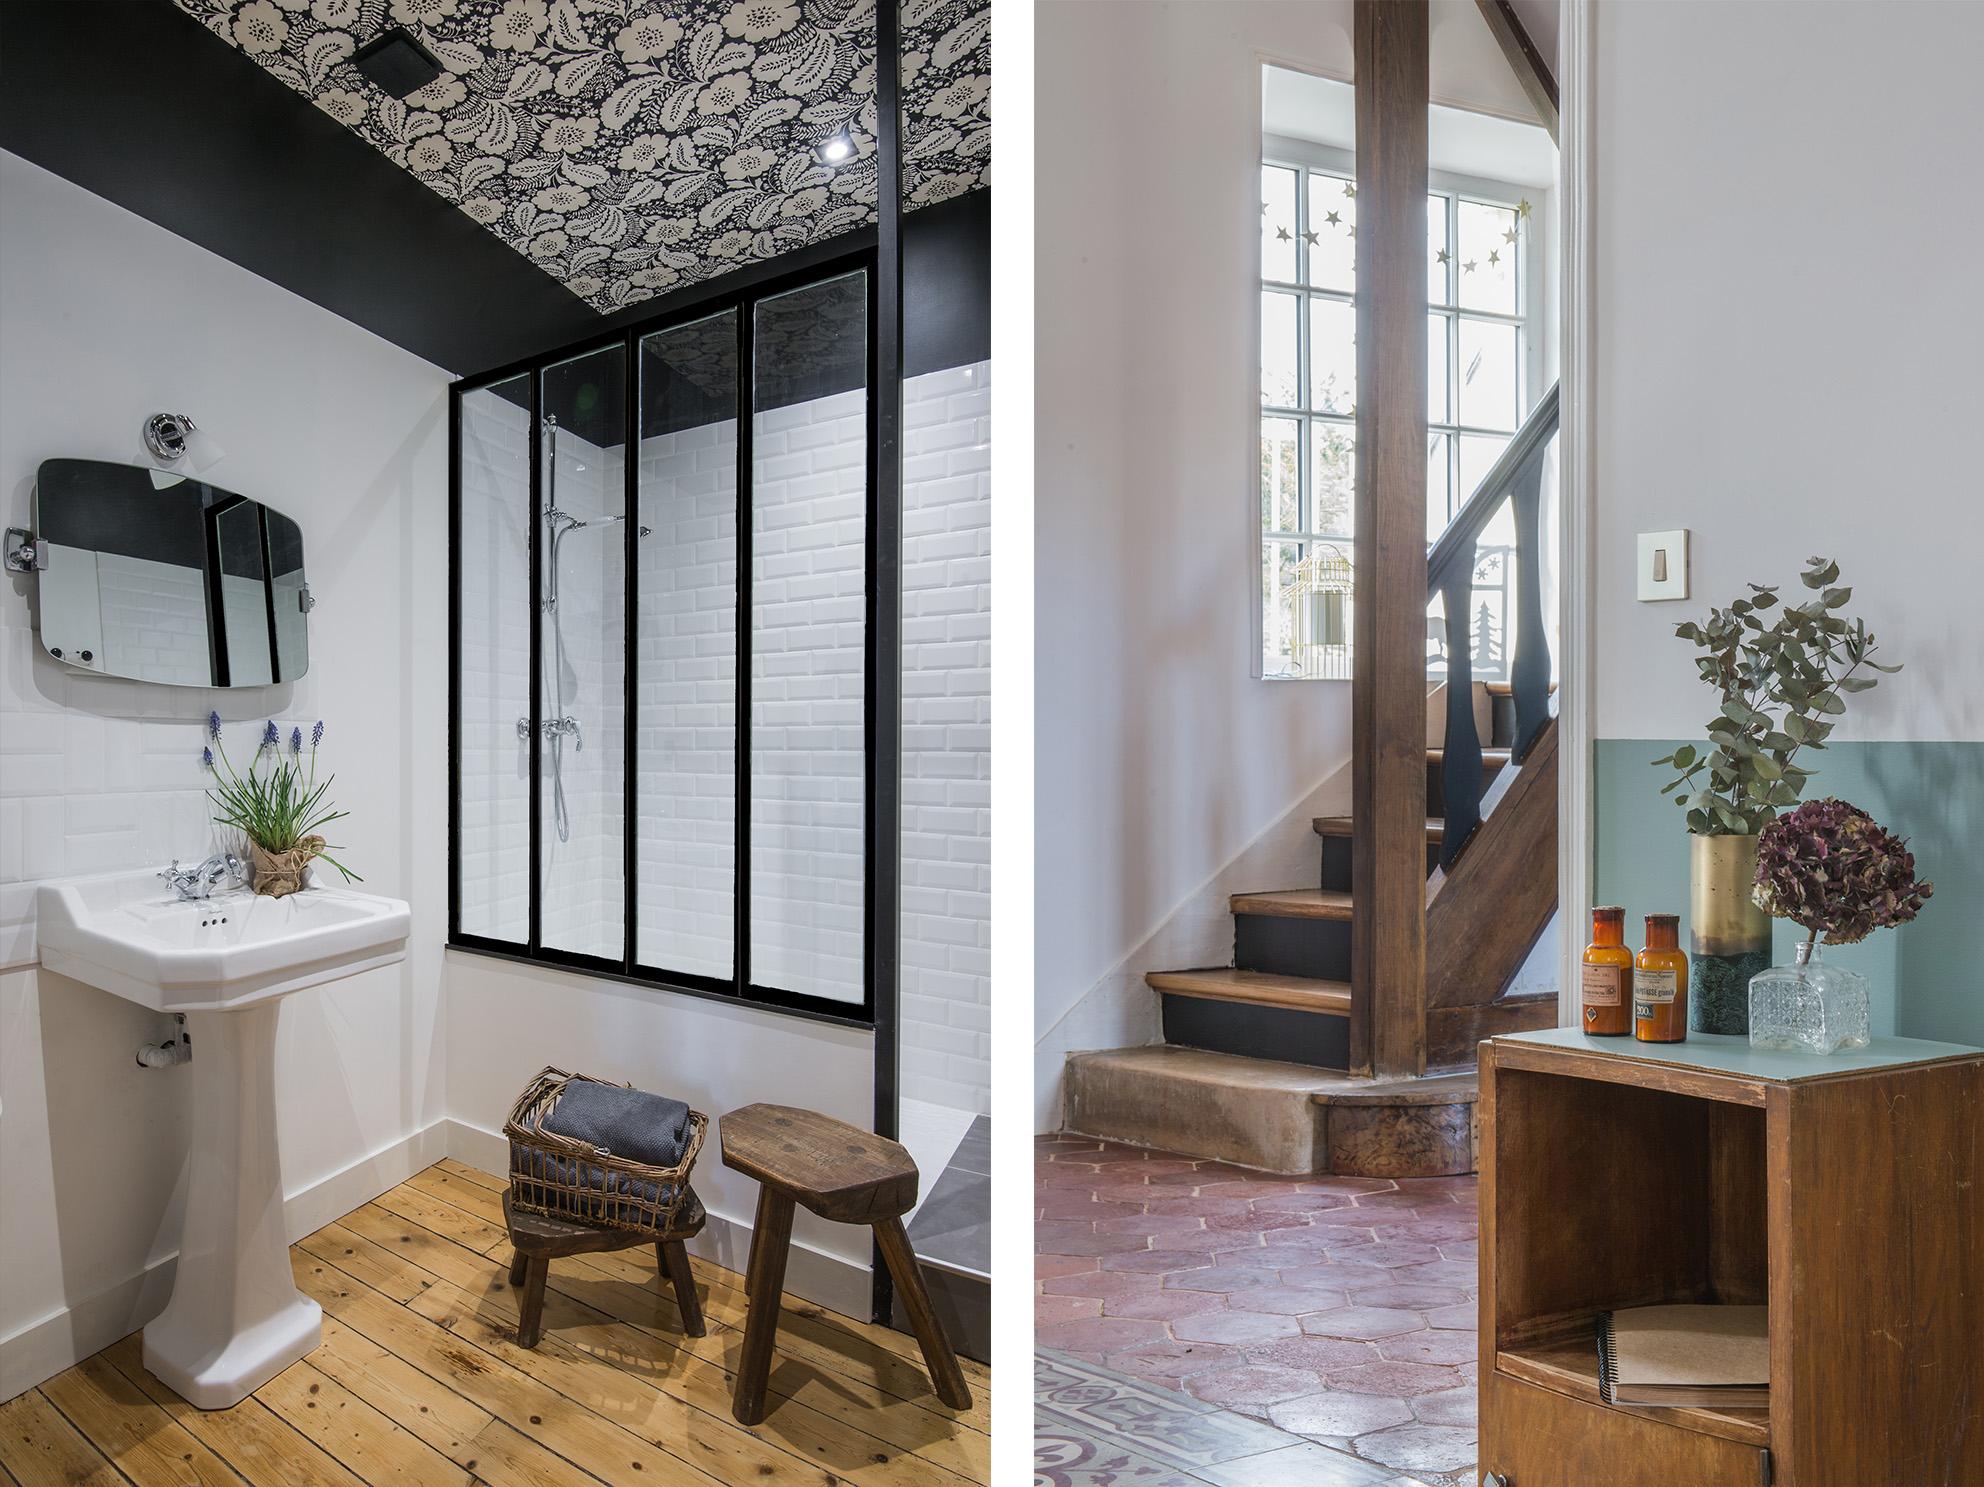 Rénovation appartement et maison ancien - Architecte intérieur Paris - Studio Mariekke